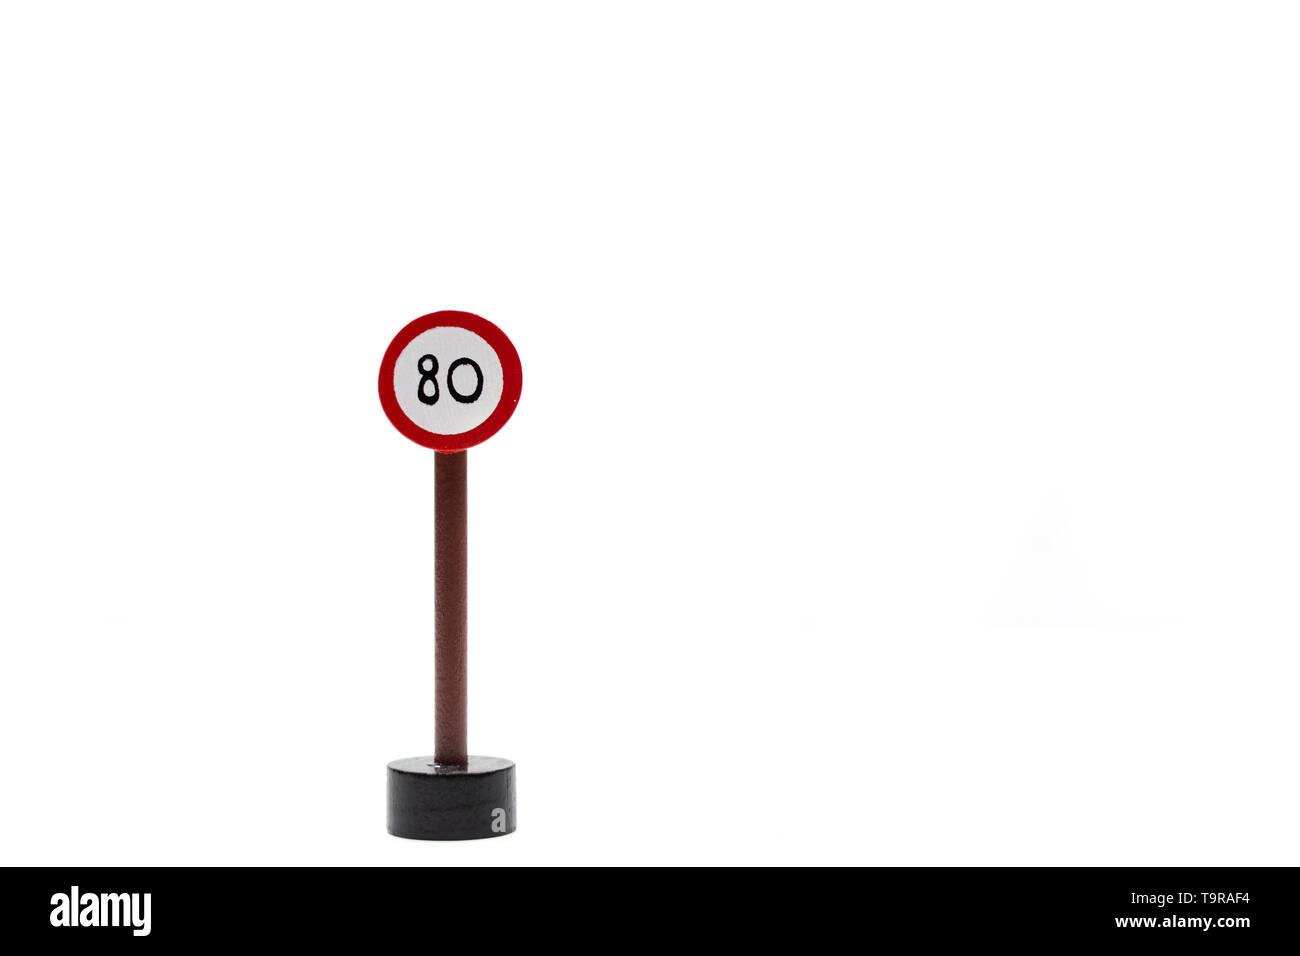 Fondo blanco con las señales de tráfico. El código de circulación. Aprenda a conducir. Licencia de conducción pase las reglas de tráfico.licencia de conducir.velocidad límite Foto de stock